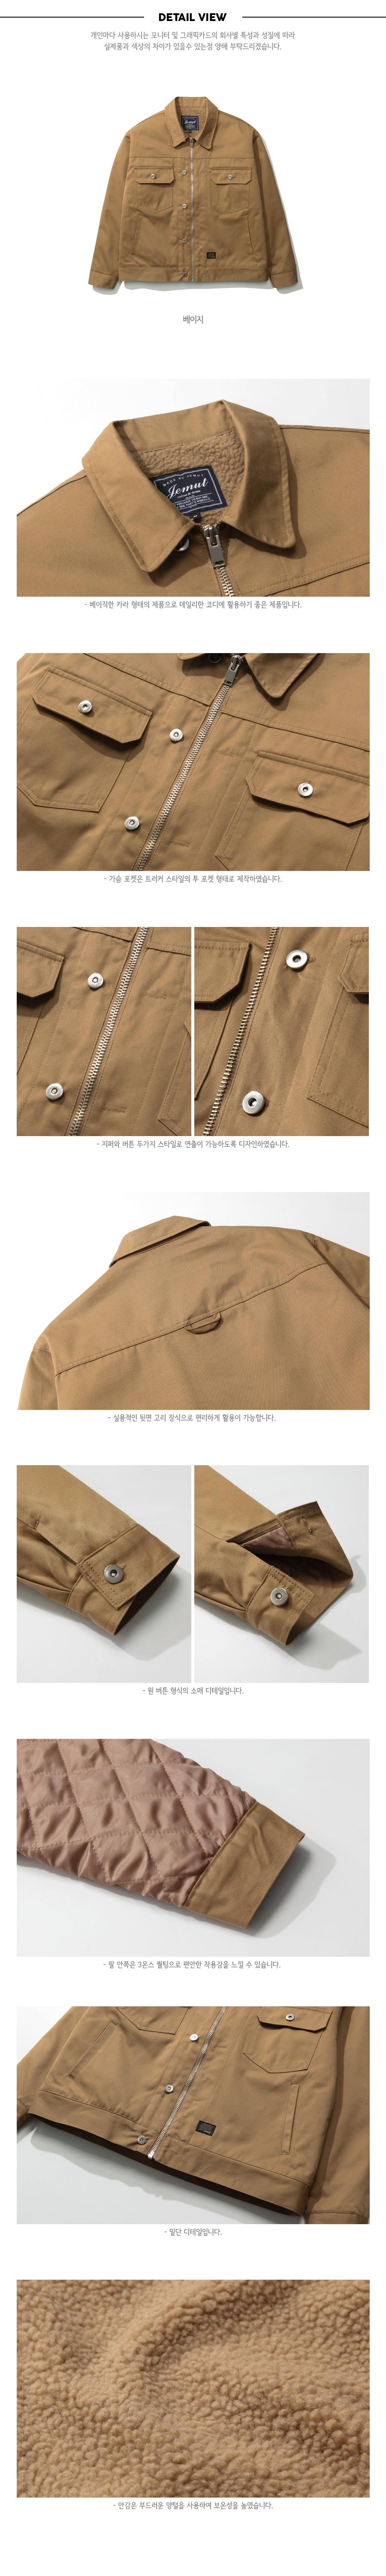 20181005_daily_double_jacket_beige_kj.jpg